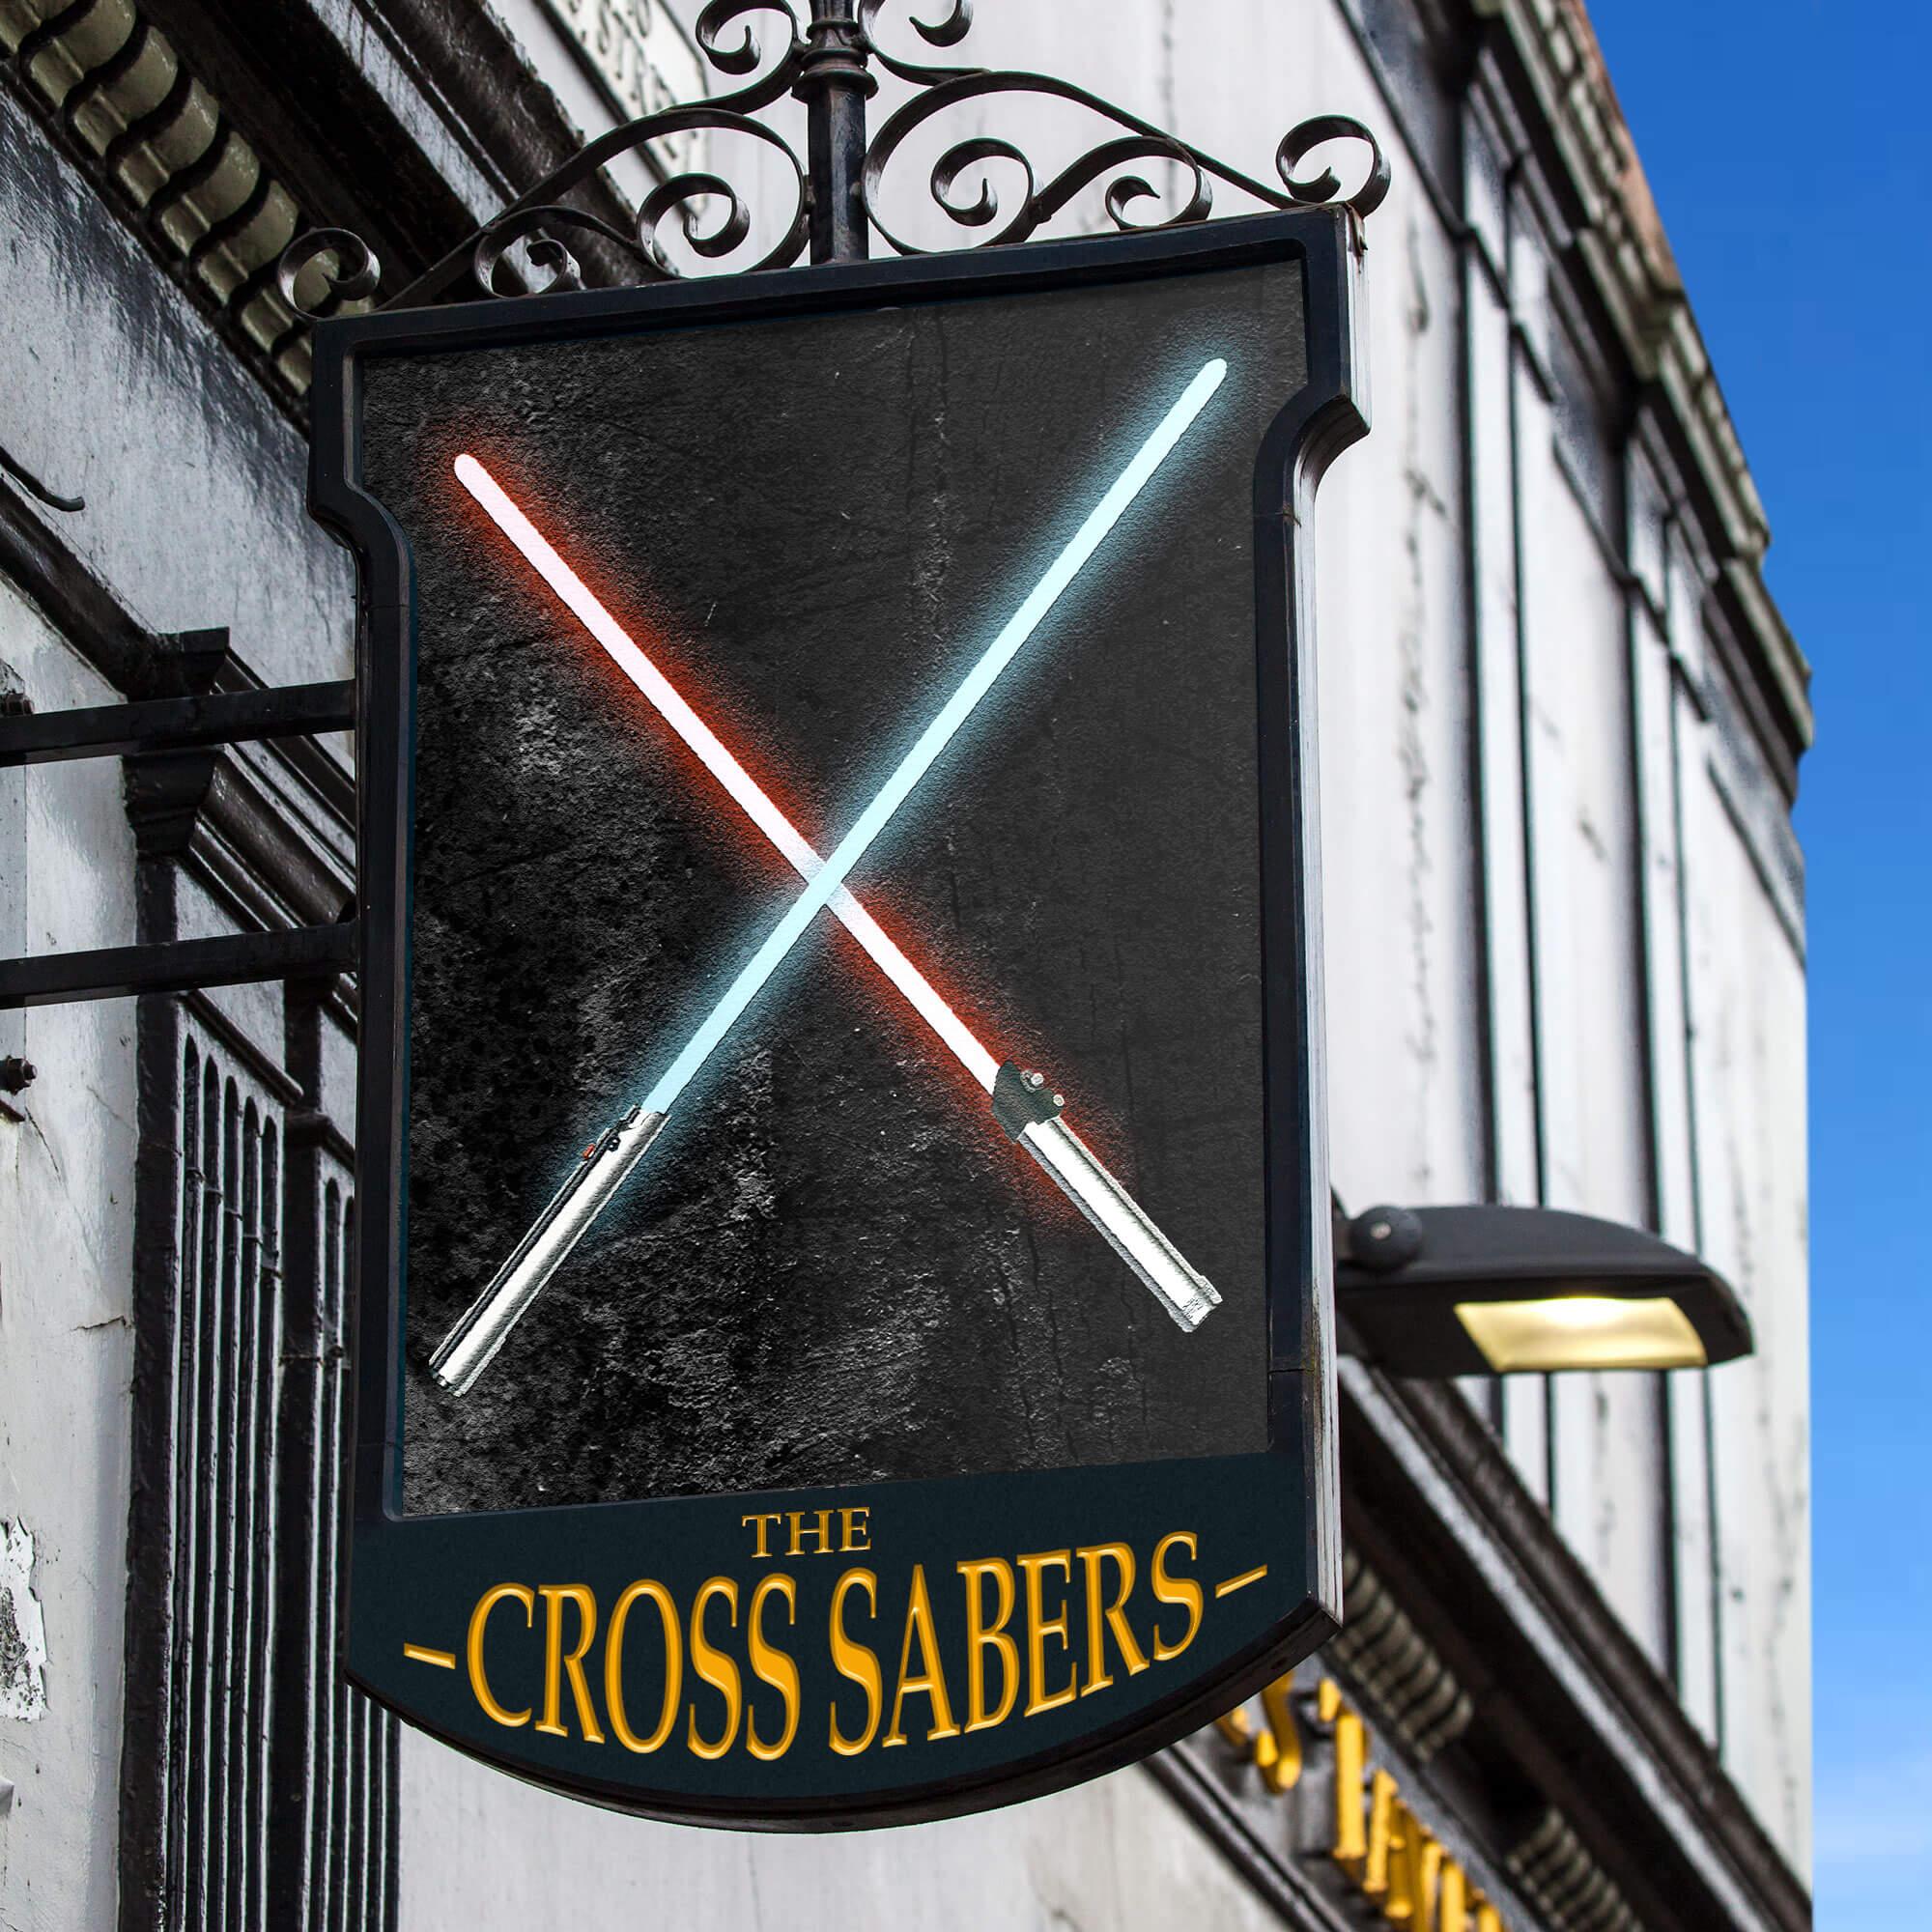 The Crossed Sabers